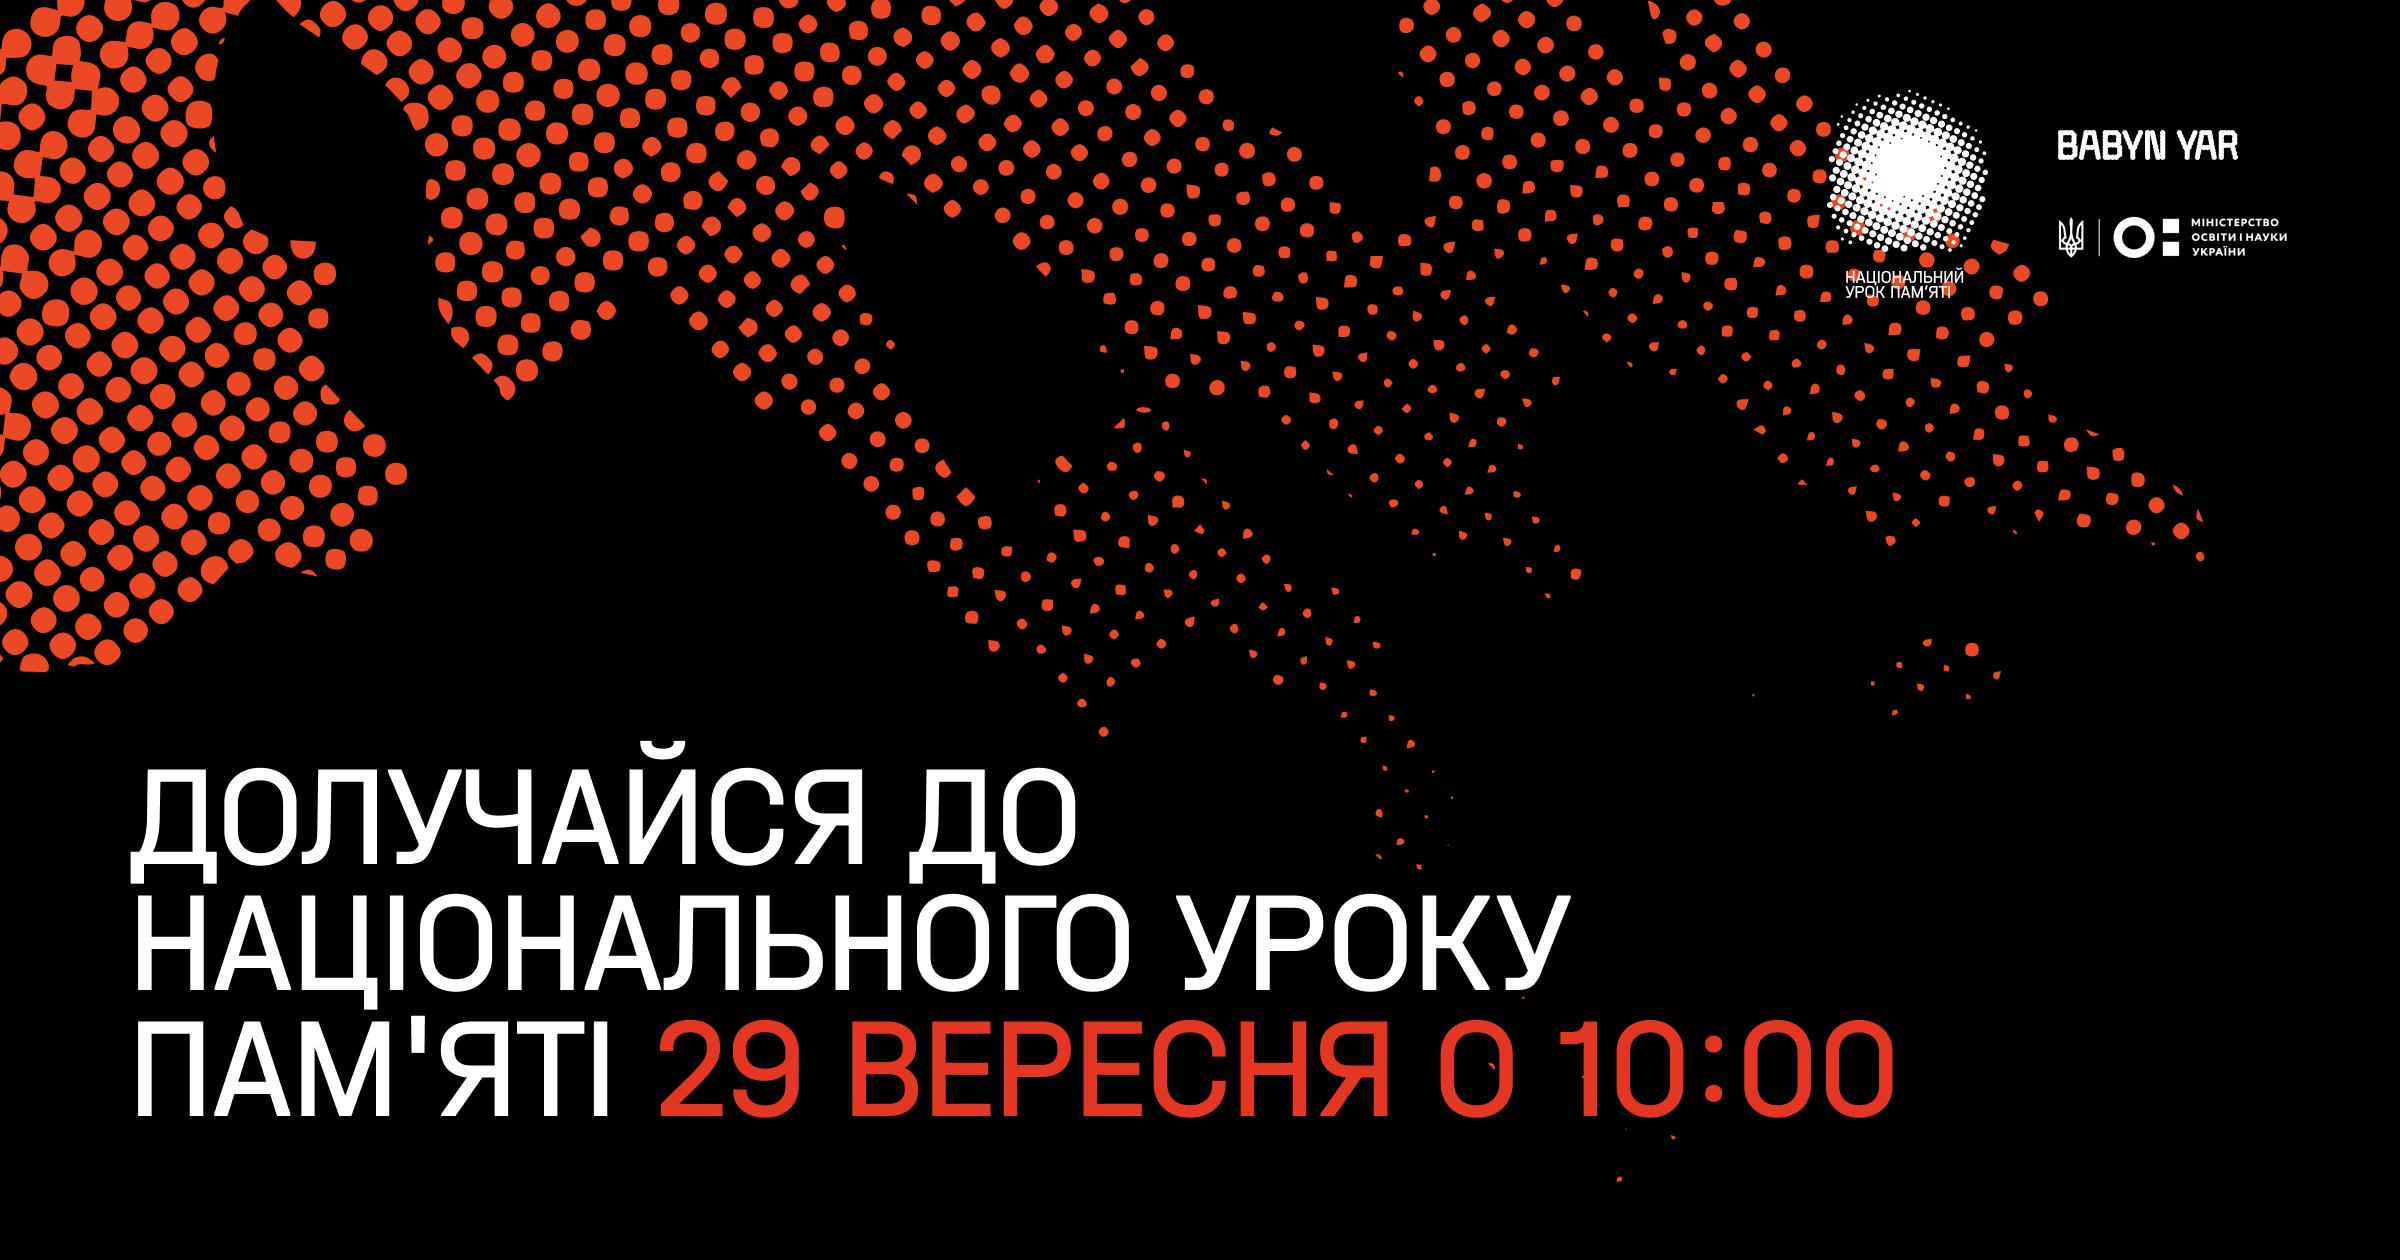 29 вересня у всіх школах України пройде Національний урок пам'яті. До нього долучаться відомі діячі